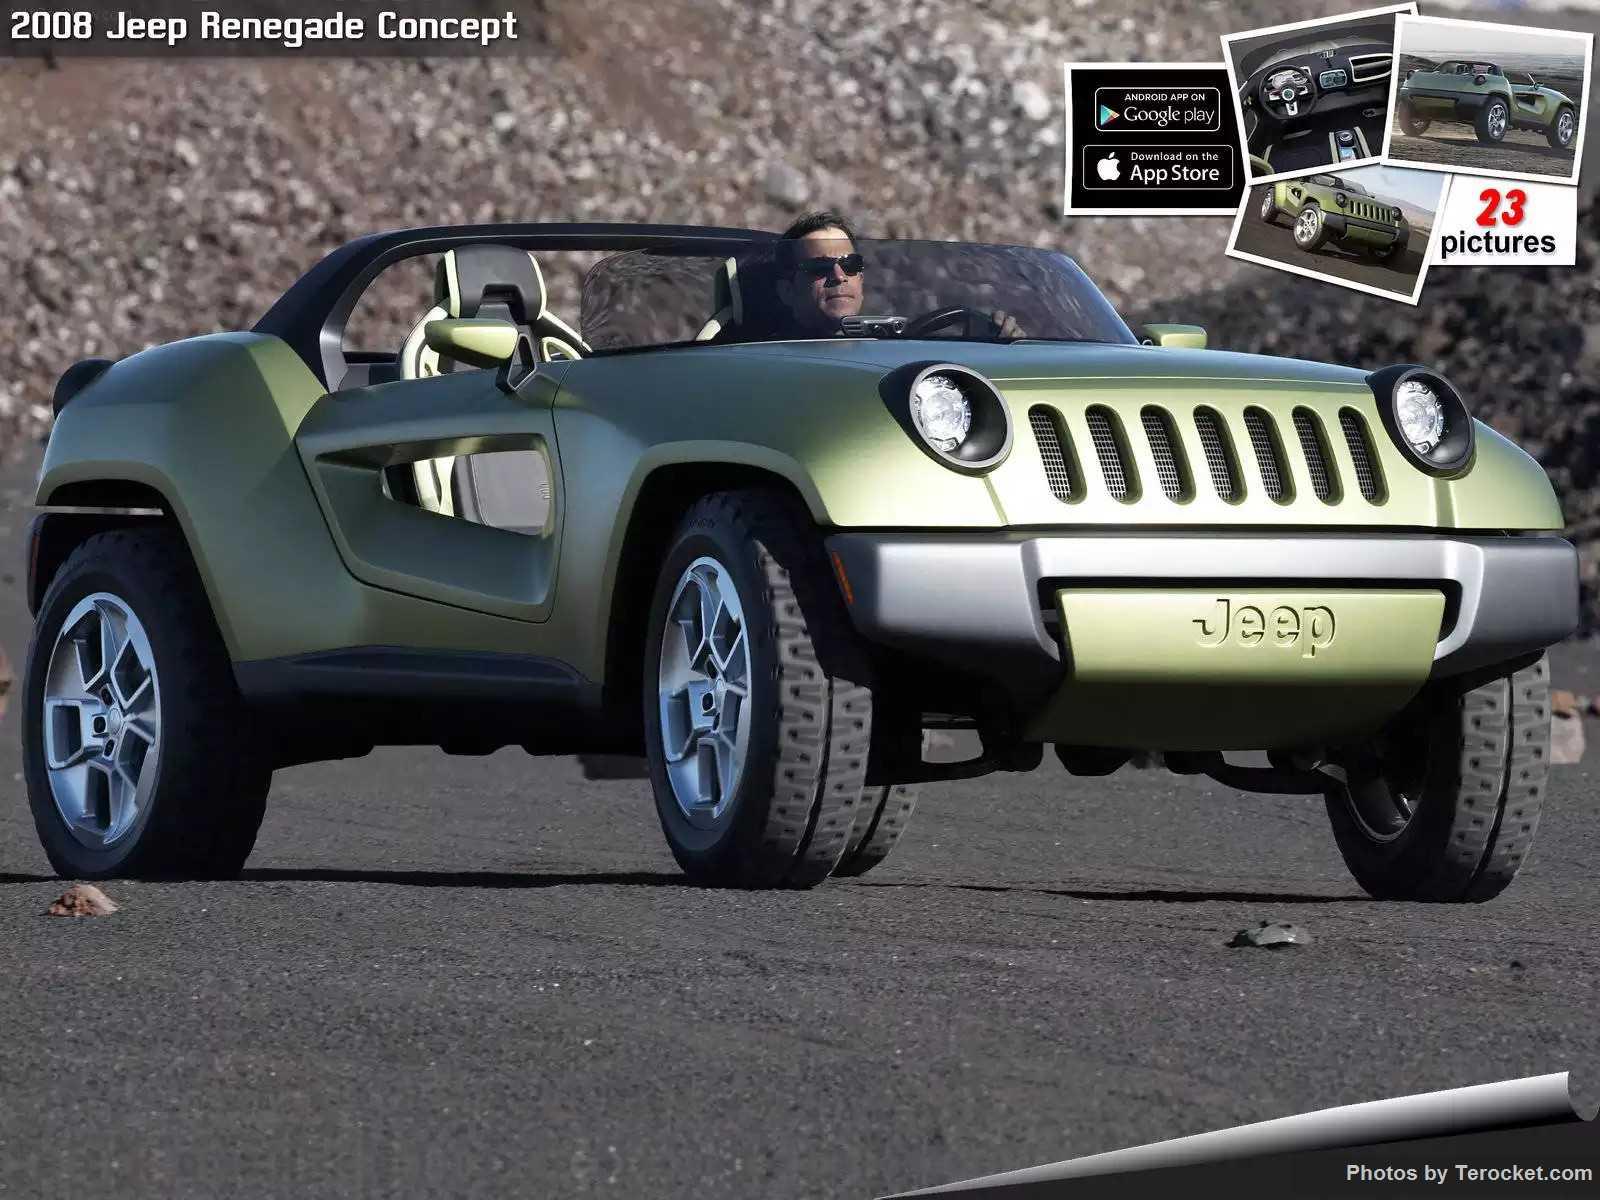 Hình ảnh xe ô tô Jeep Renegade Concept 2008 & nội ngoại thất